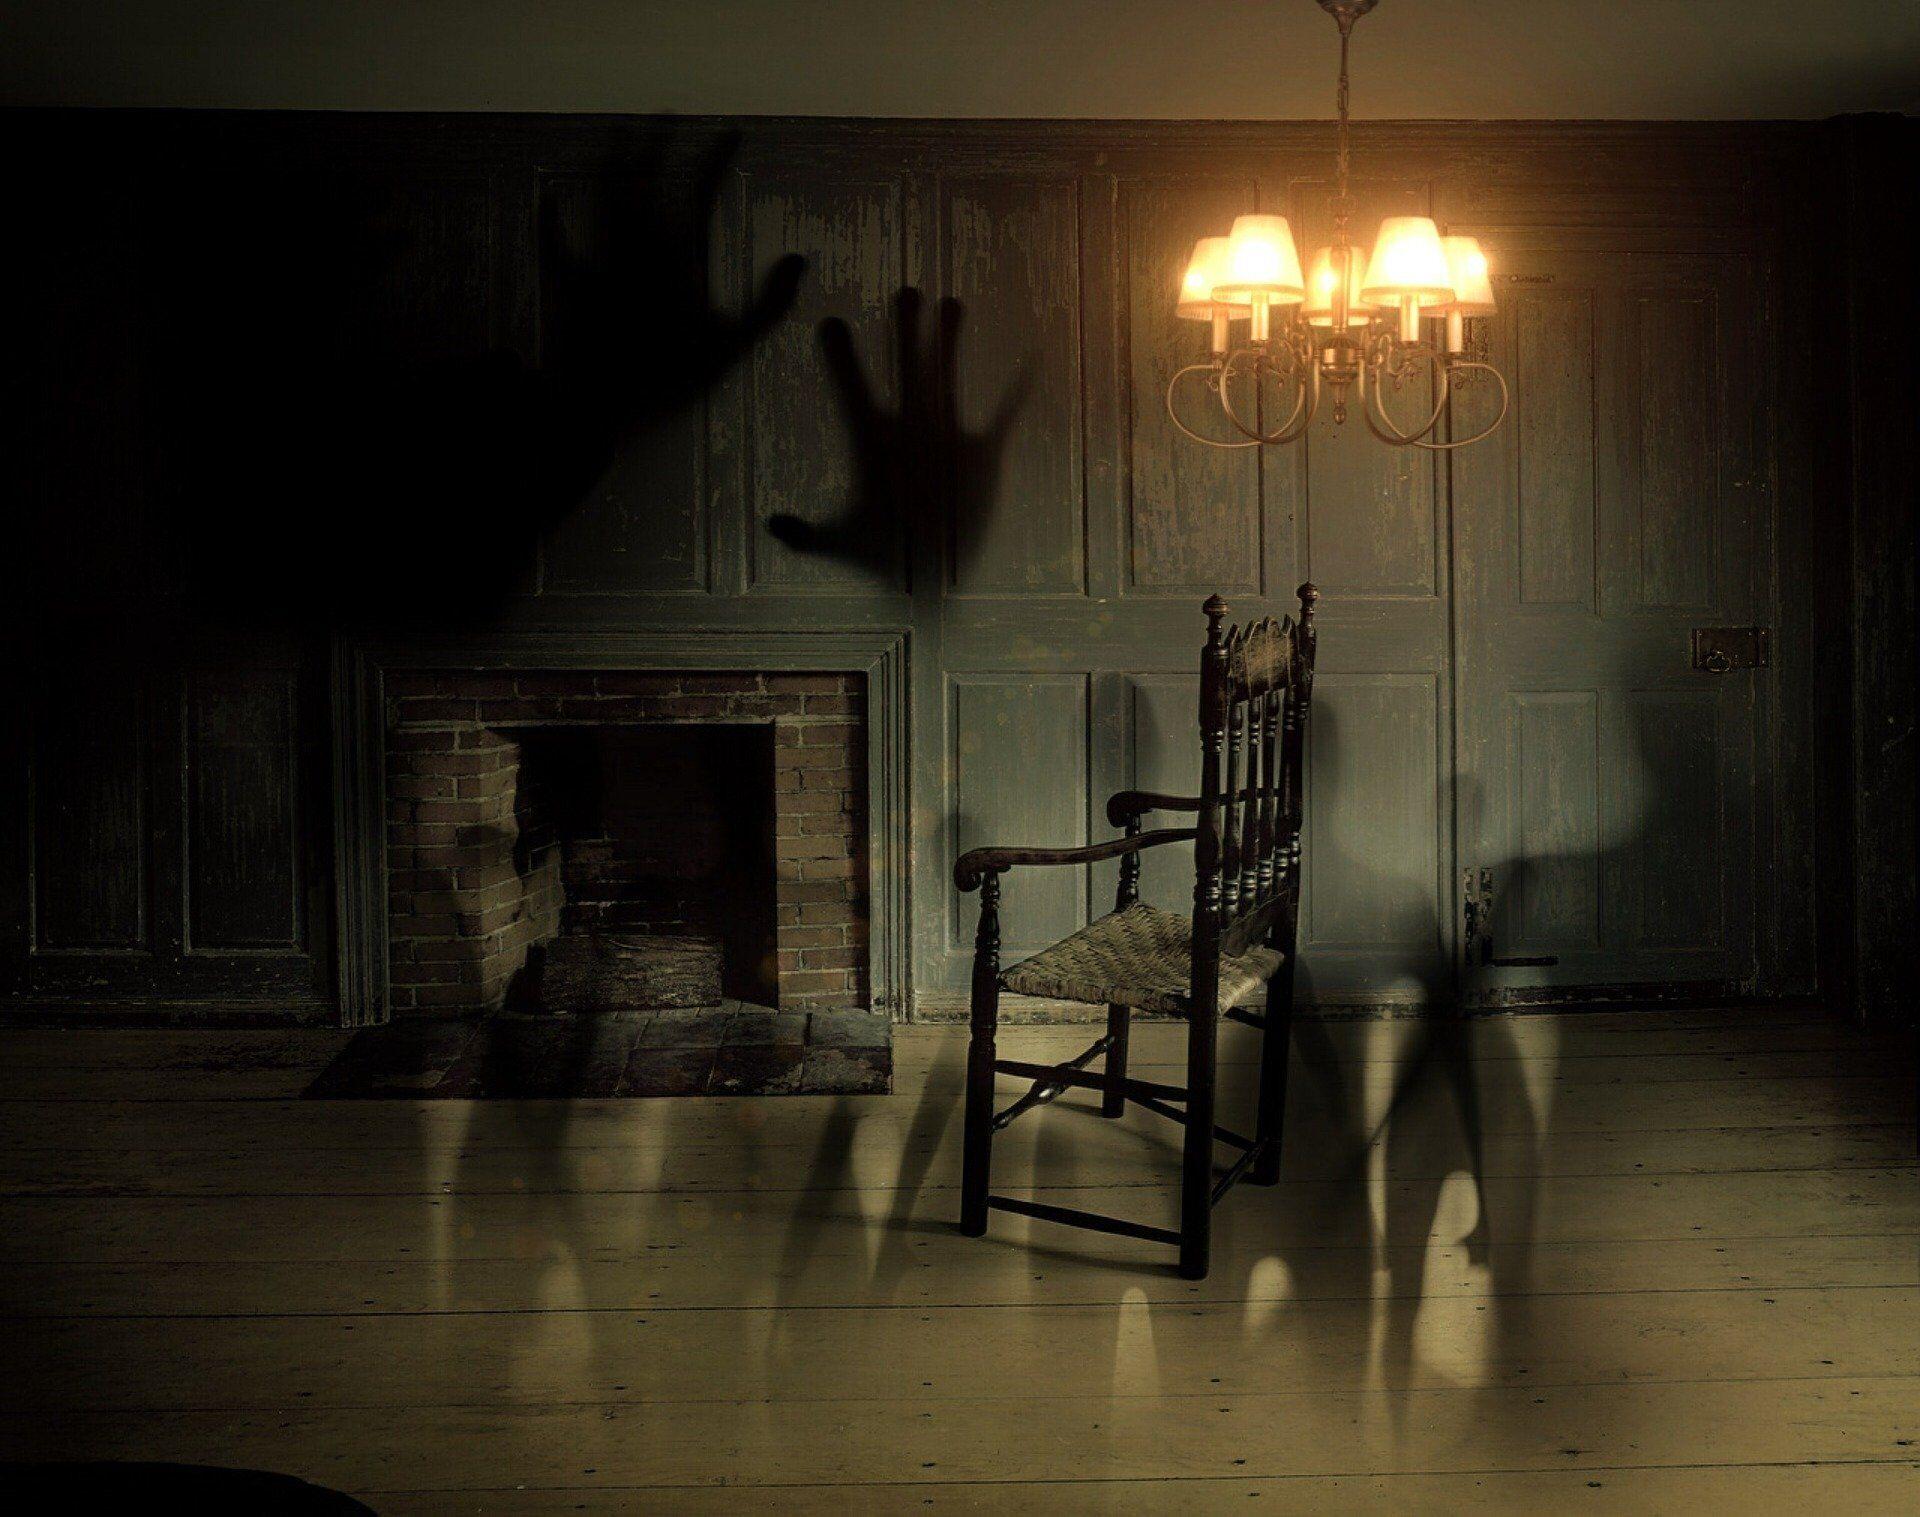 23 июня люди больше всего боялись встретить призрака – то есть, увидеть плохое знамение